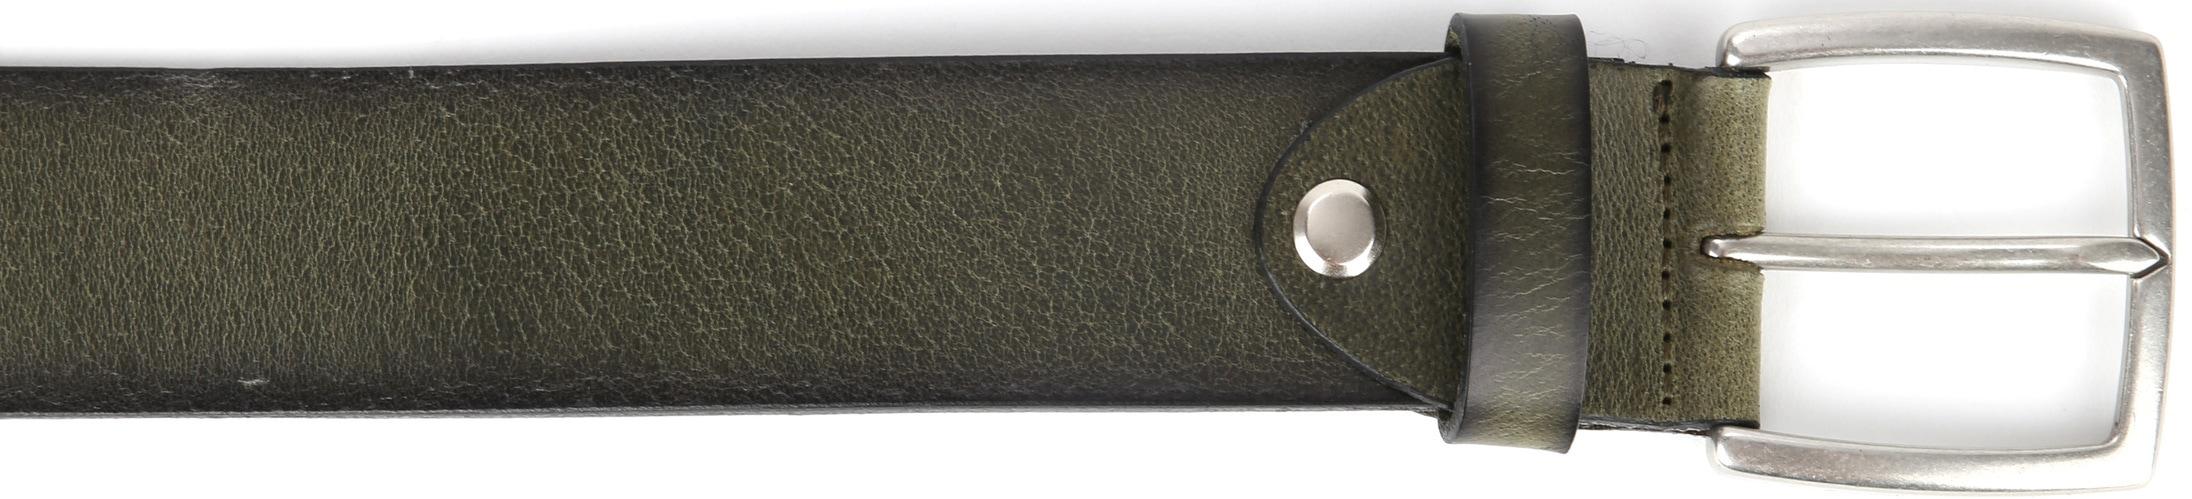 Suitable Leder Gürtel Grün Washed foto 1